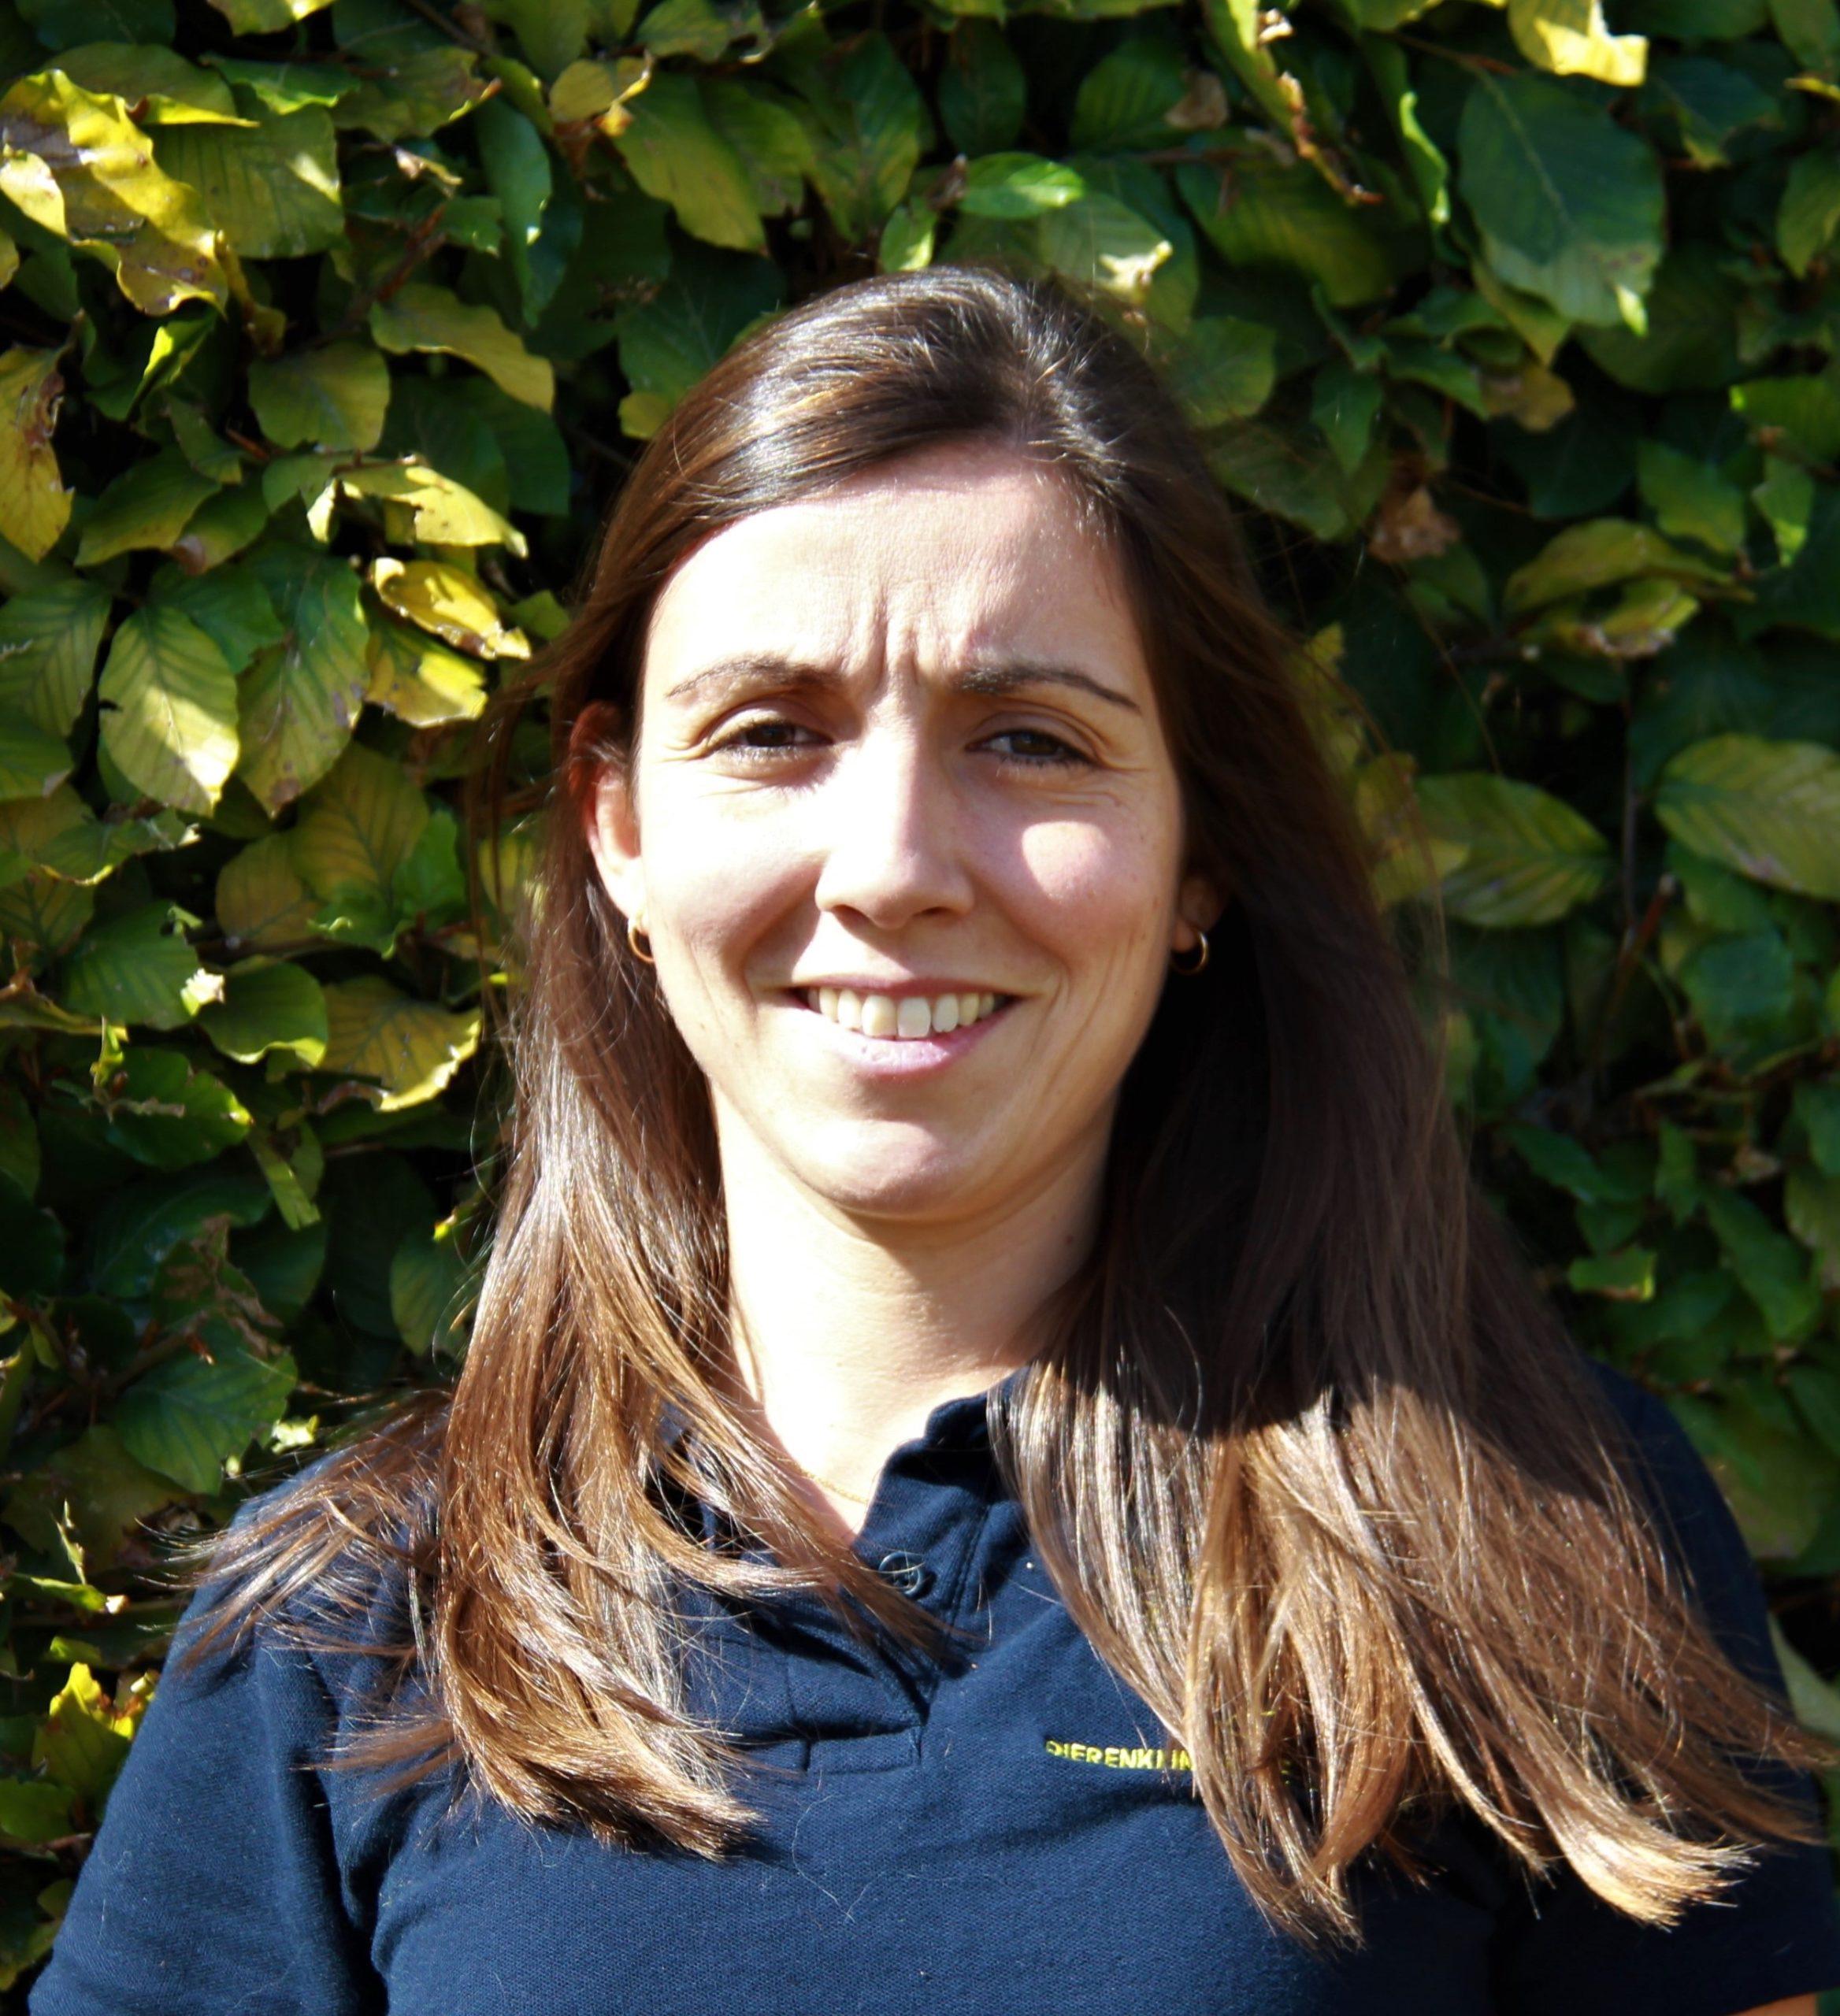 Teammember MarianaMagalhaes